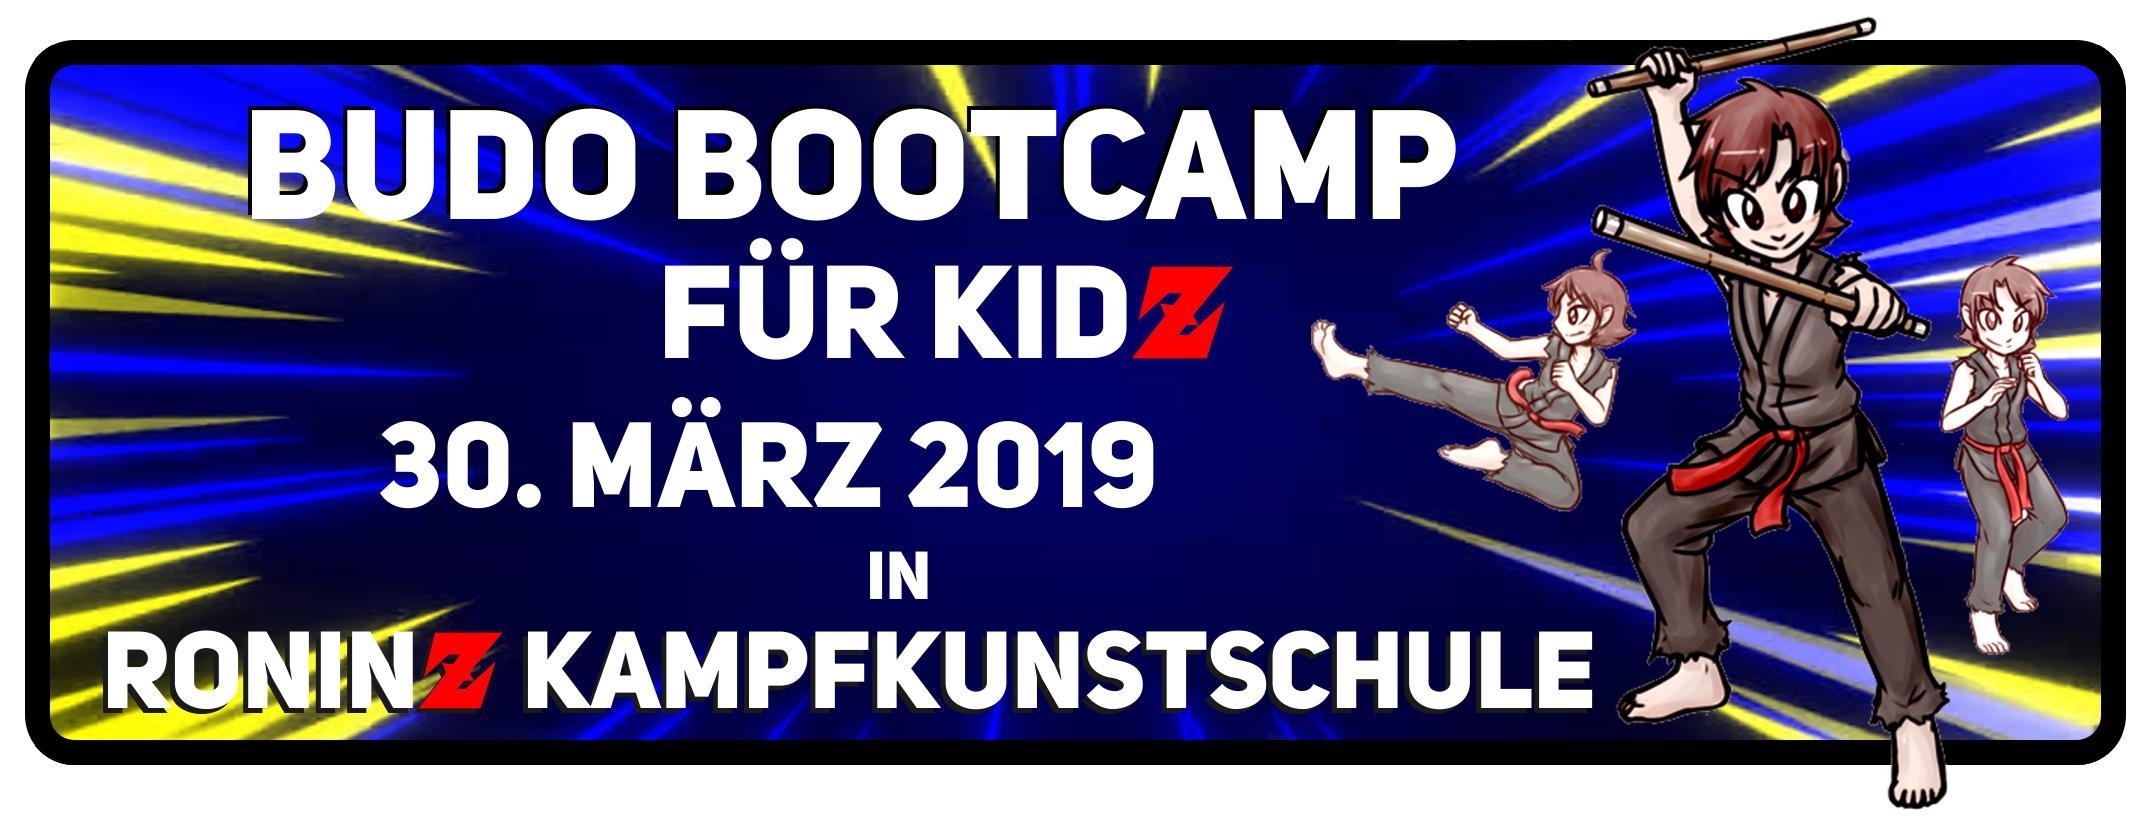 Budo Bootcamp für Kids 30.03.2019 2